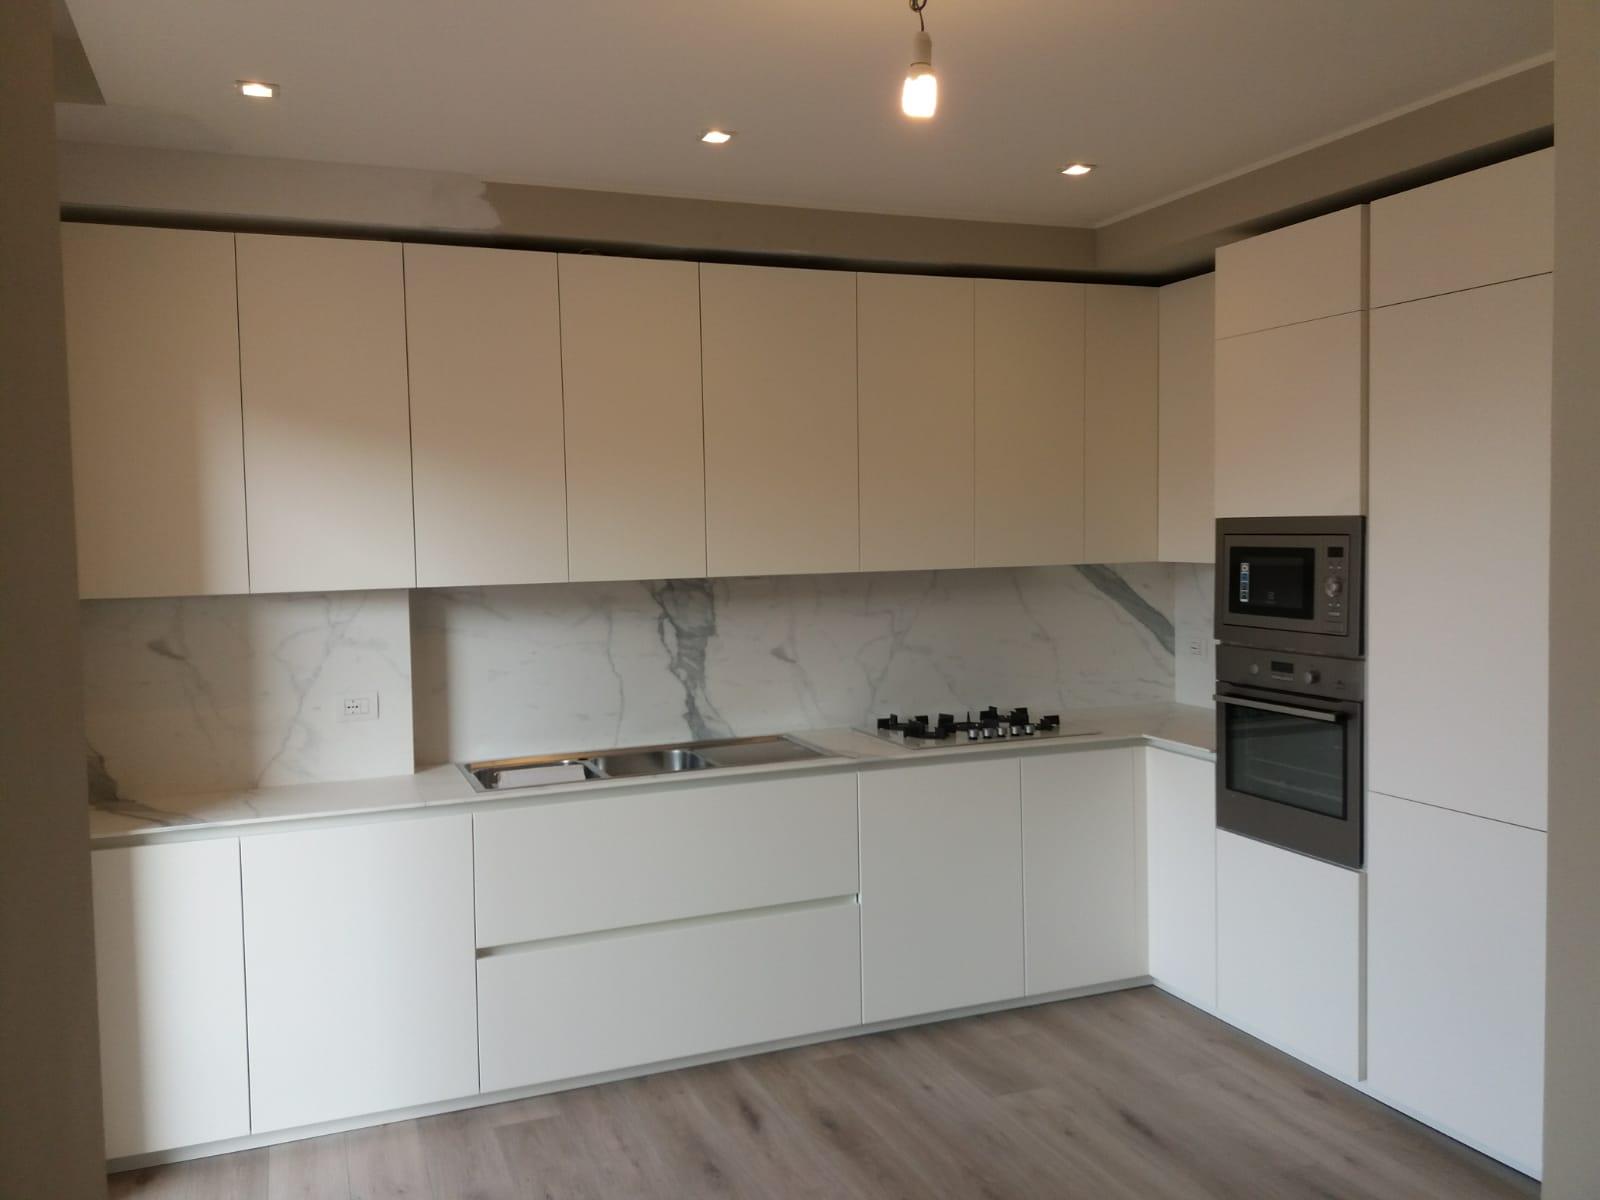 Cucine Creo Lube Opinioni eccoci con il nostro articolo settimanale! 3b home design